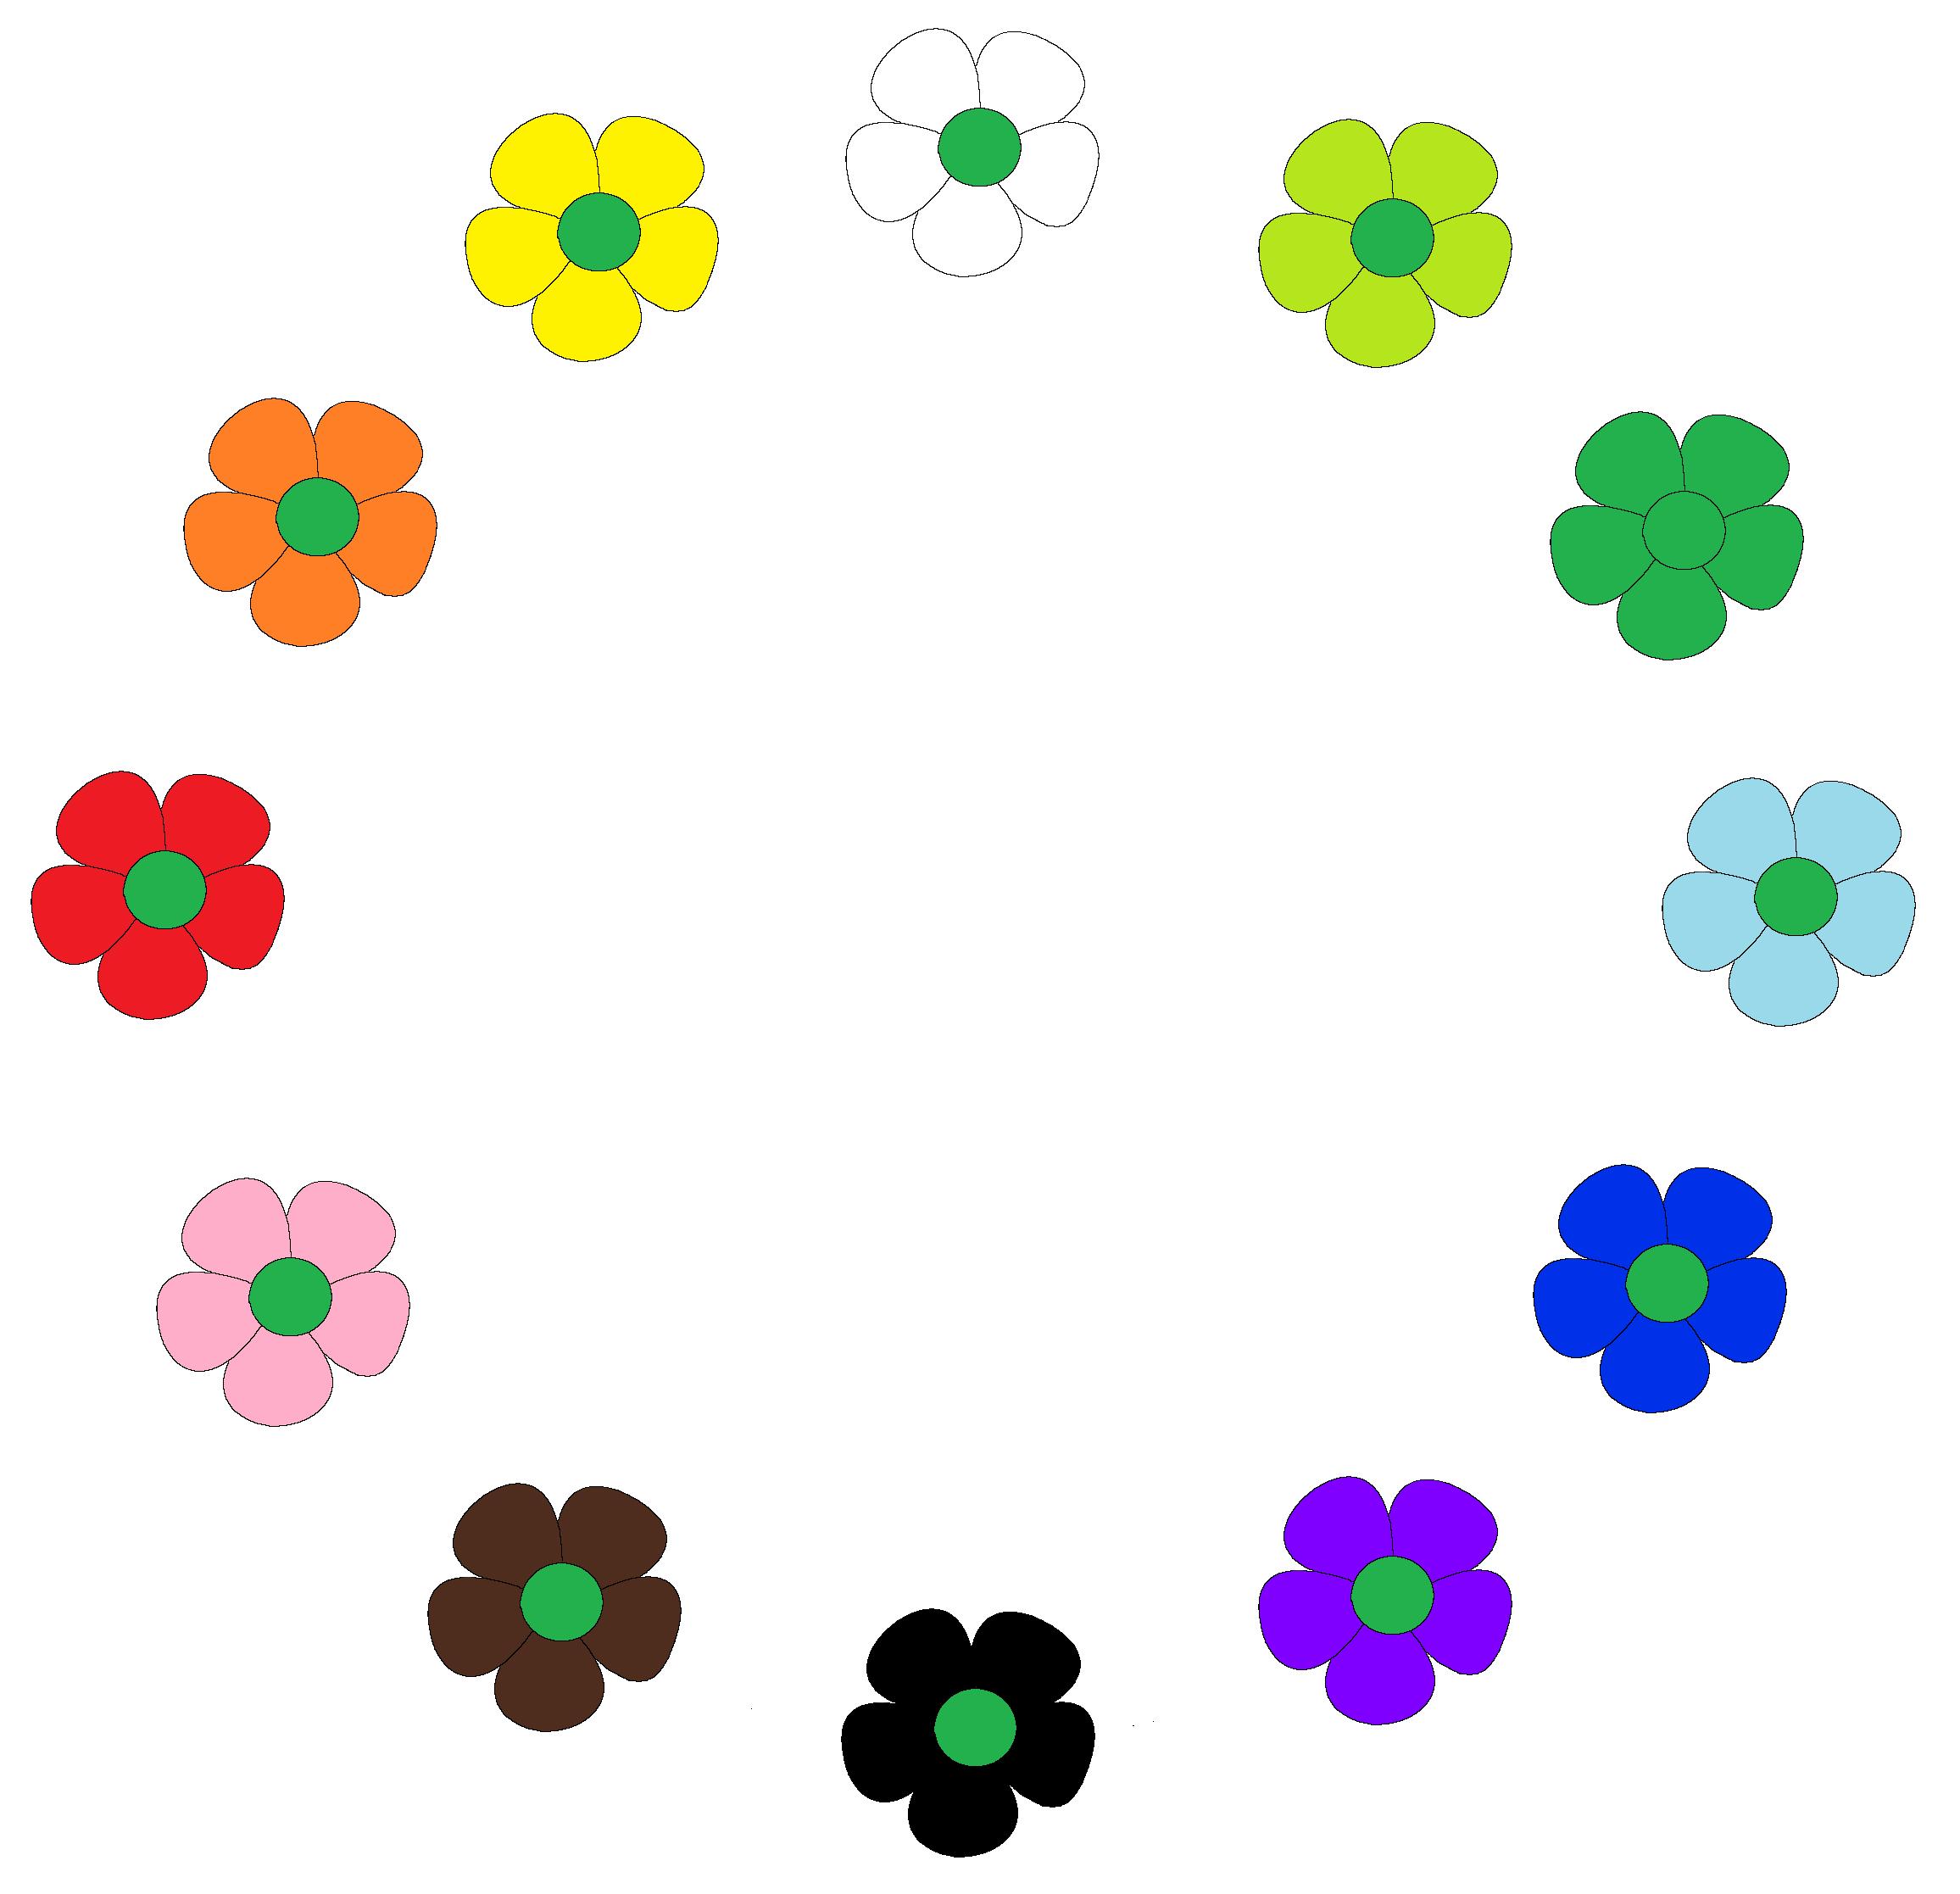 Bild - Blume.png | Säen und Staunen Wiki | FANDOM powered by Wikia